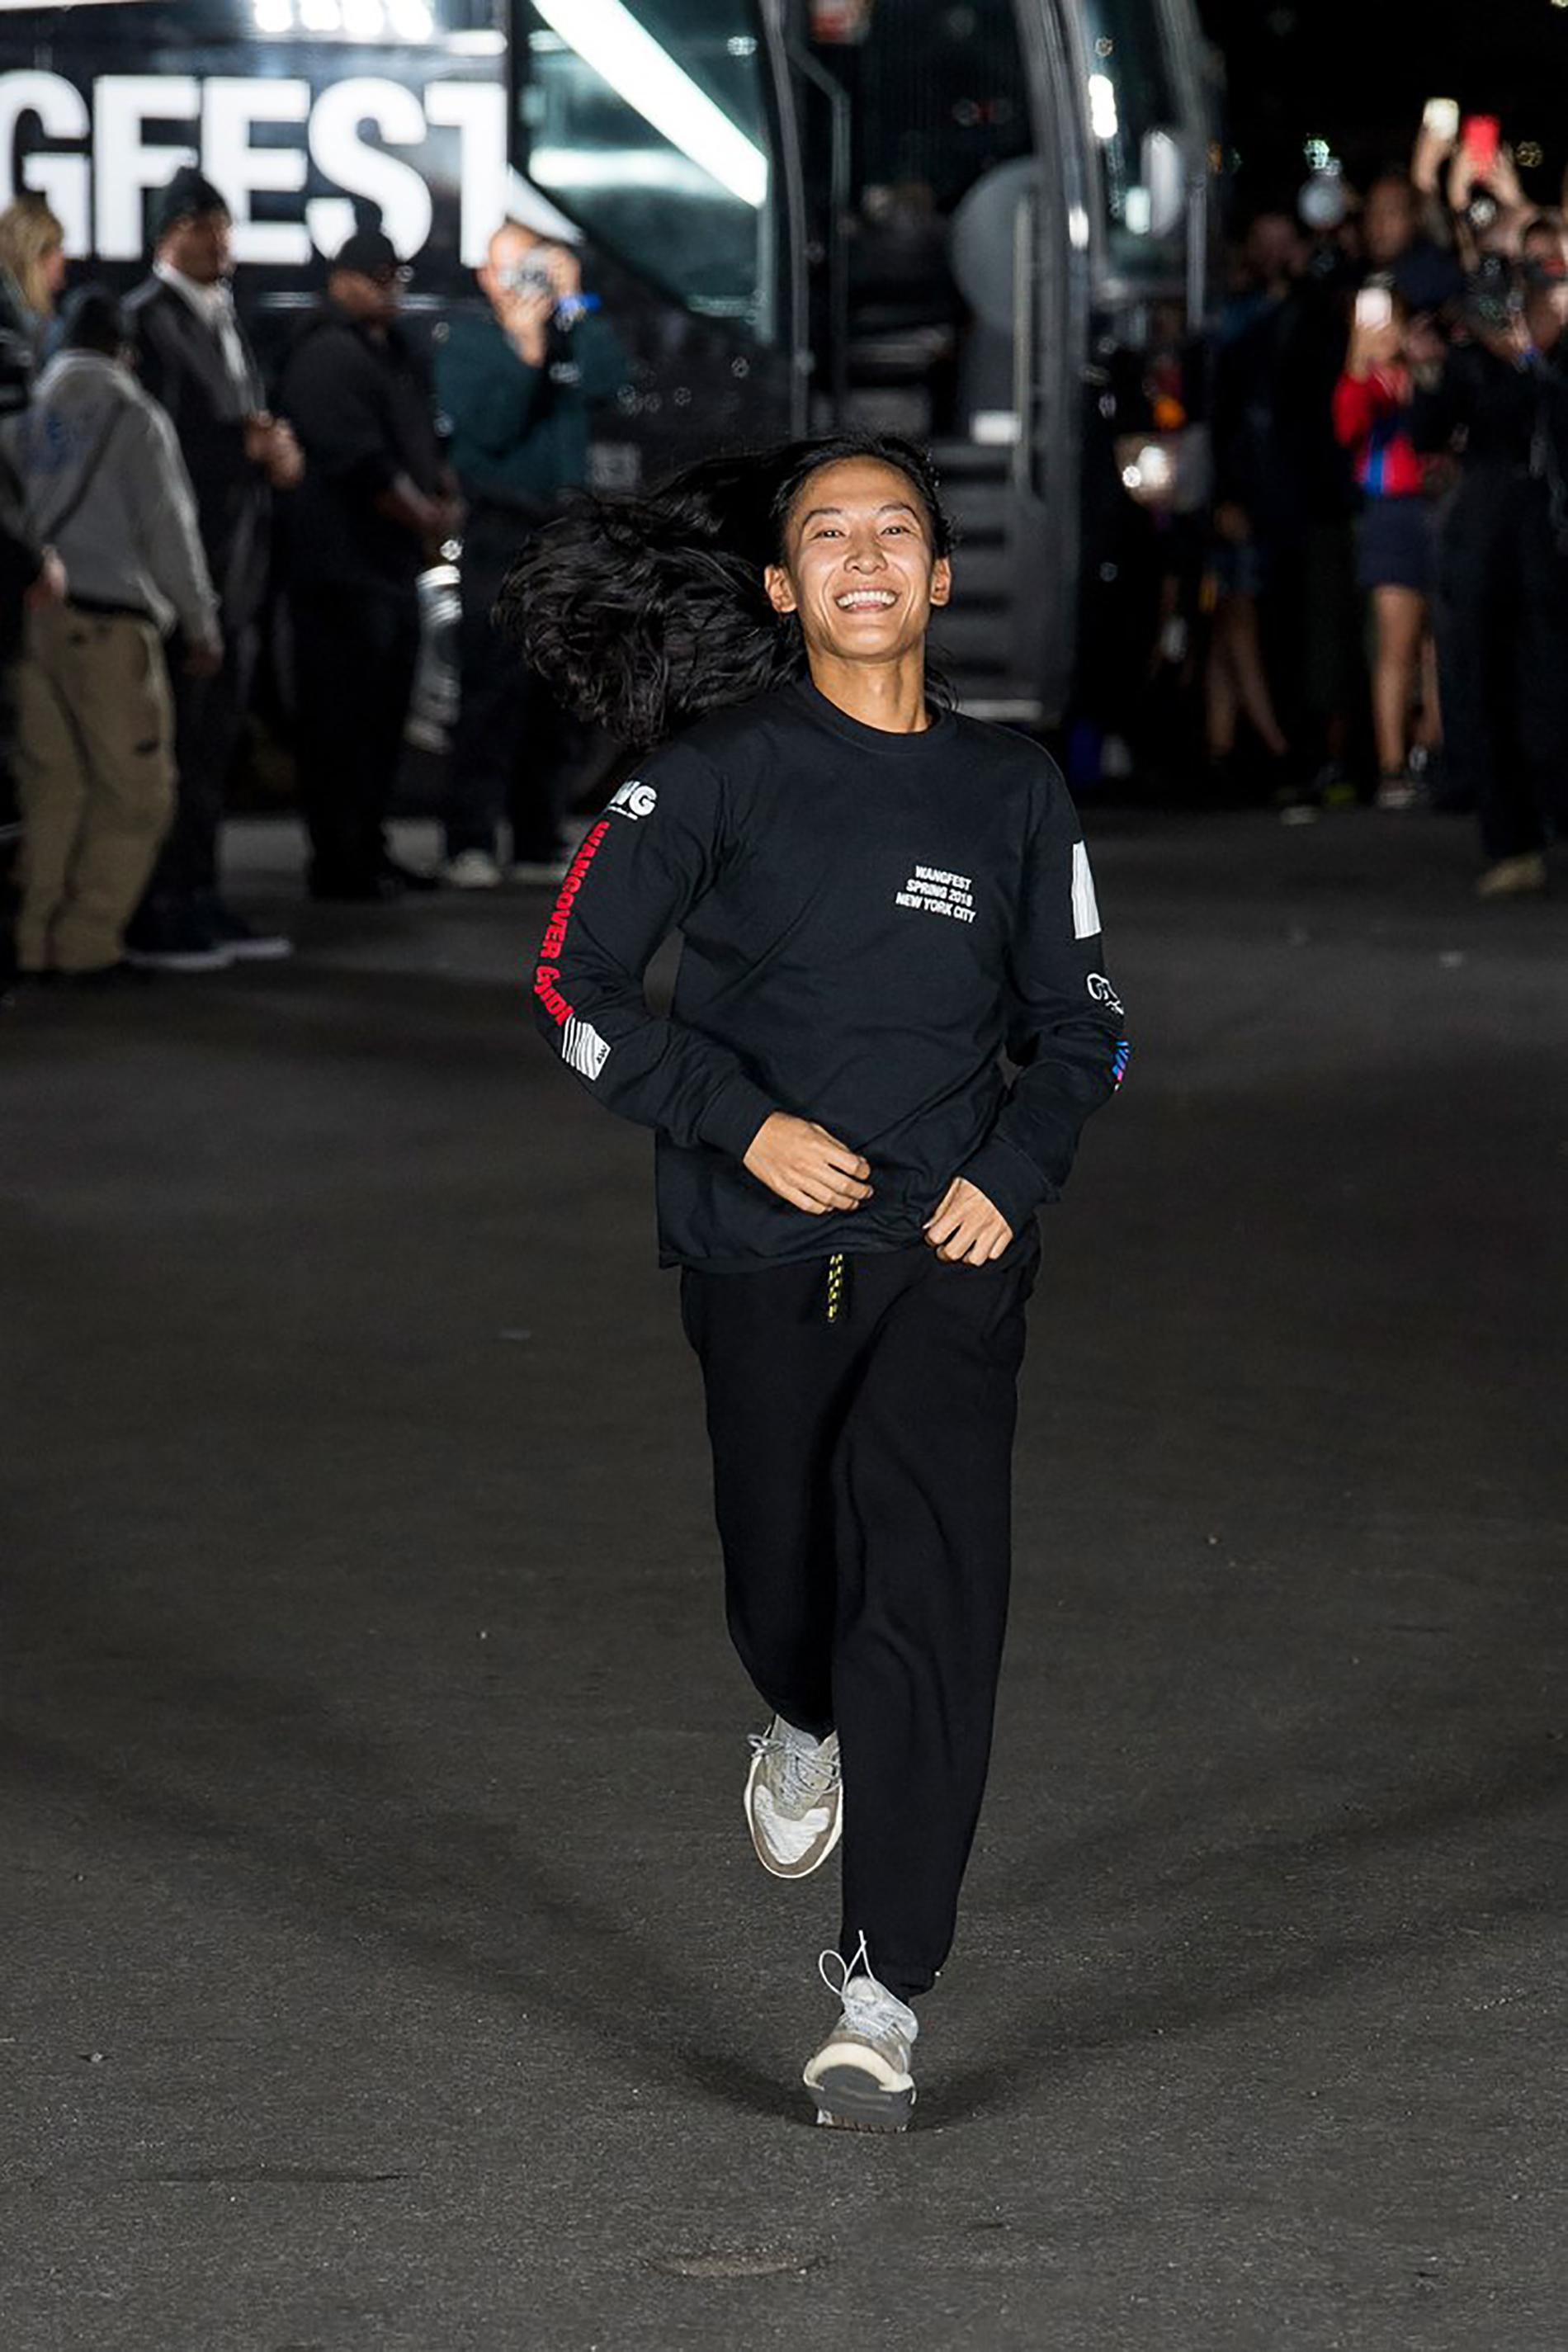 Thương hiệu Alexander Wang sẽ rời khỏi New York Fashion Week